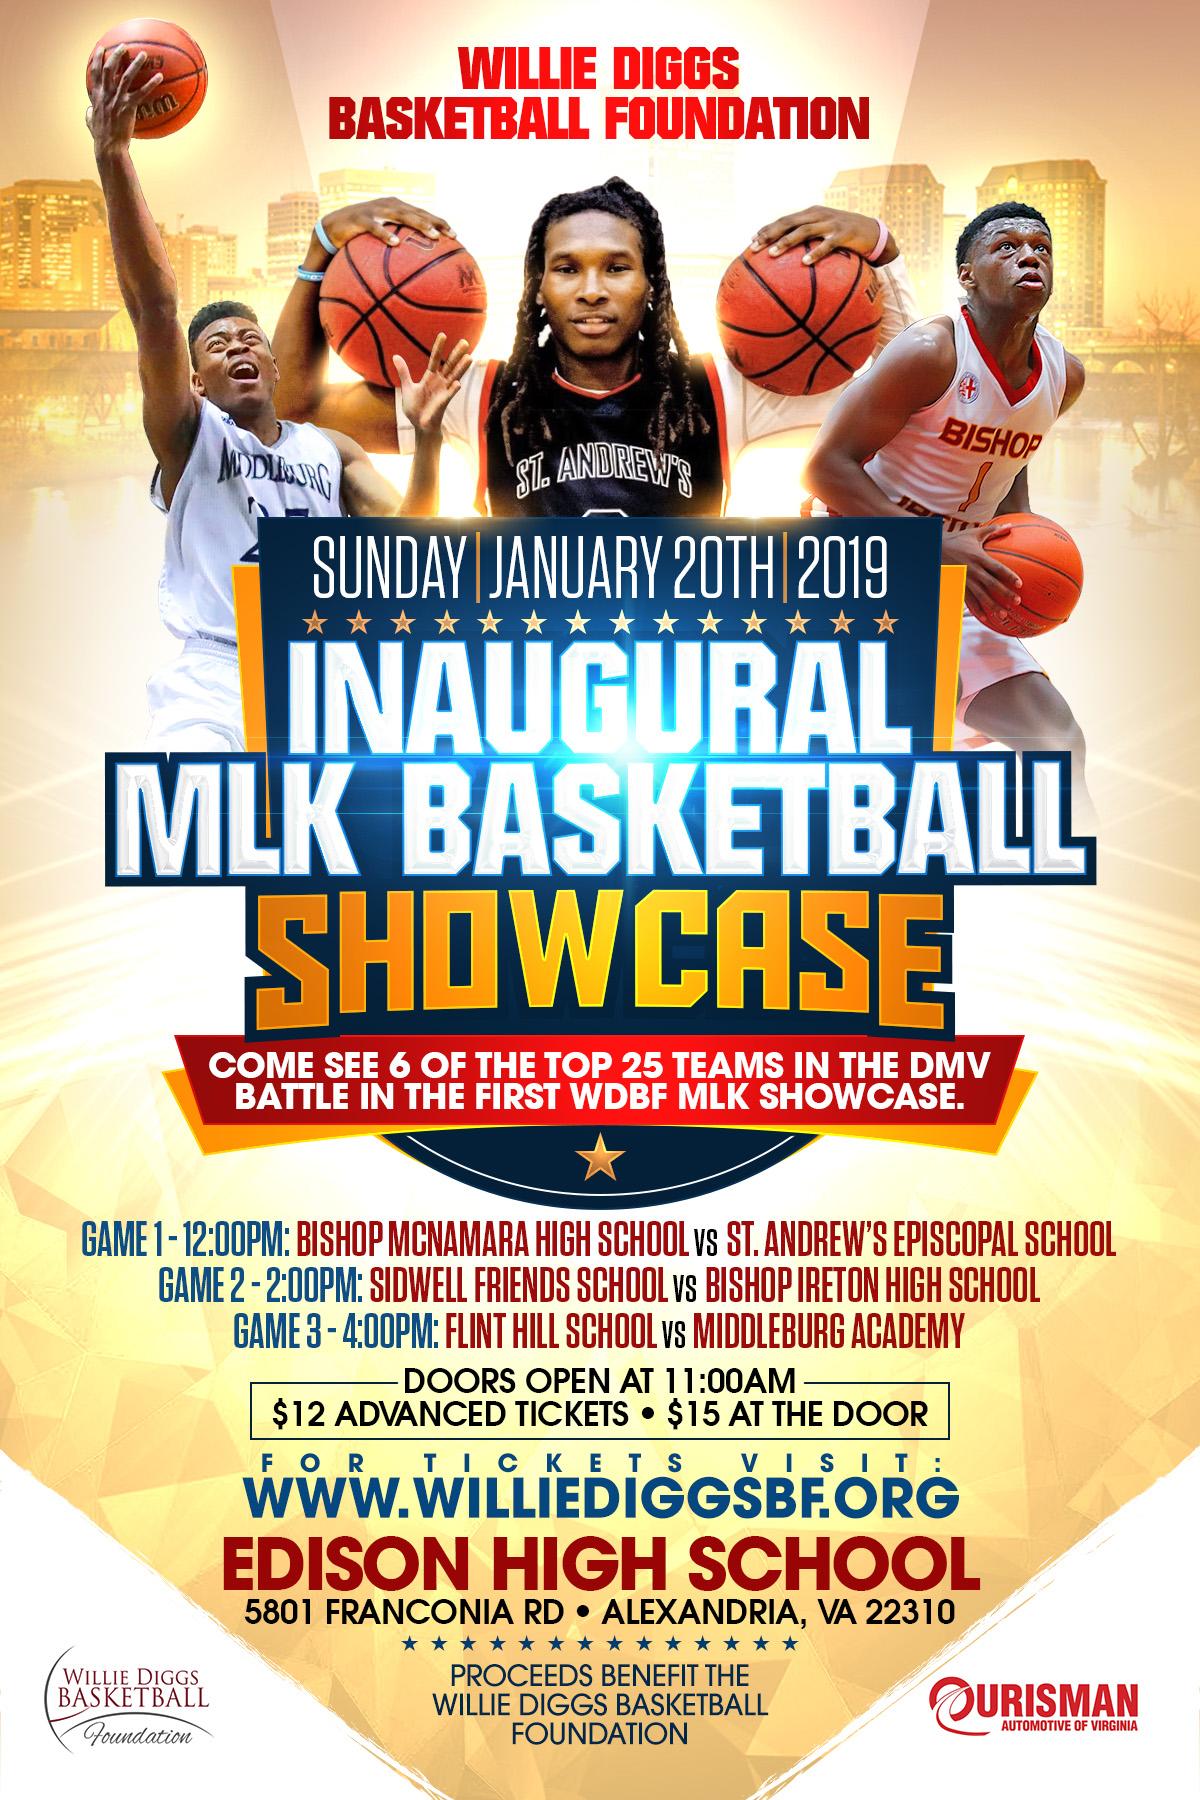 WDBF Inaugural MLK Basketball Showcase